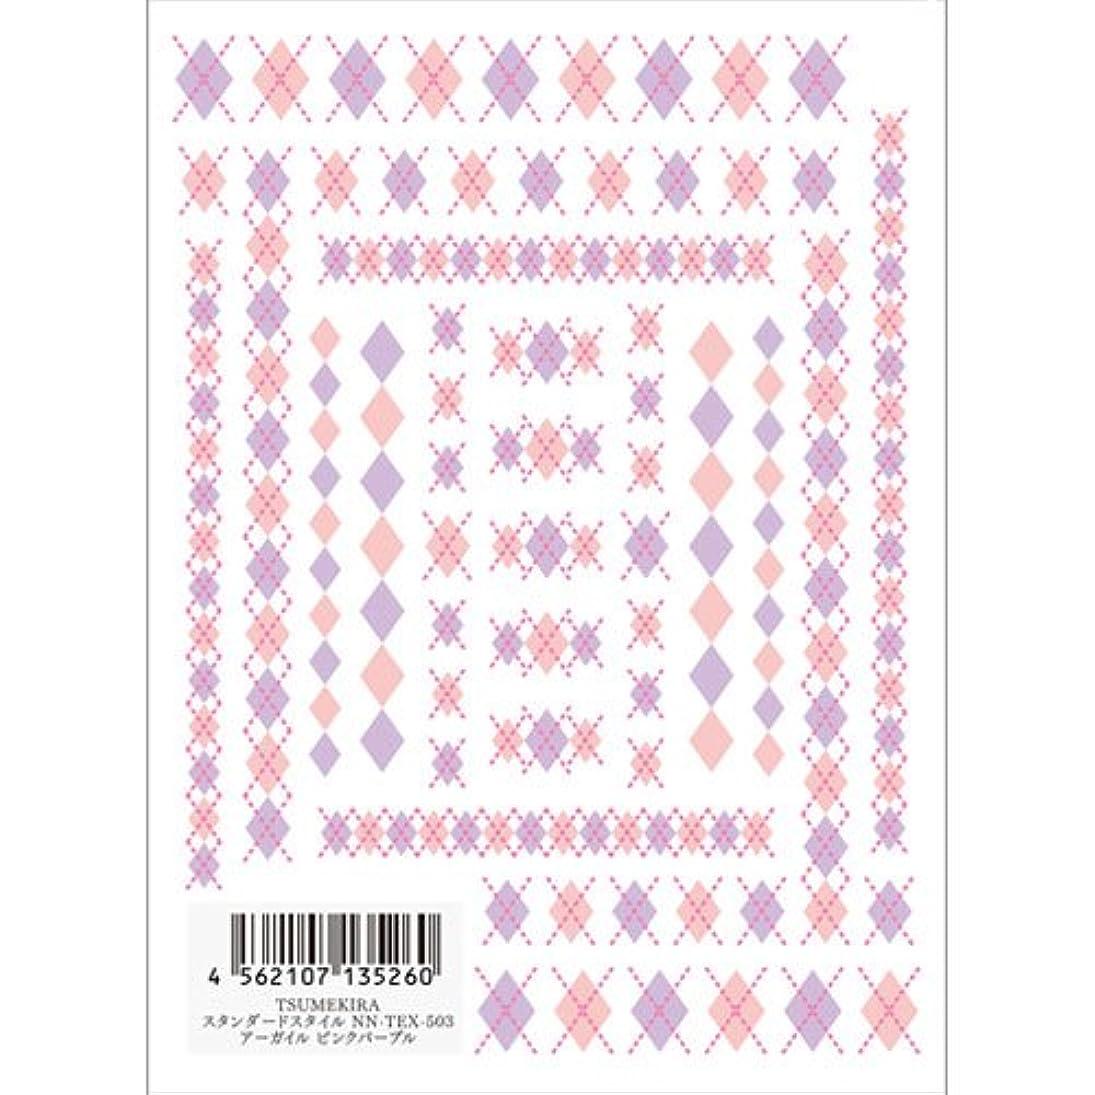 以内に排泄する読むTSUMEKIRA(ツメキラ) ネイルシール アーガイル ピンクパープル NN-TEX-503 1枚